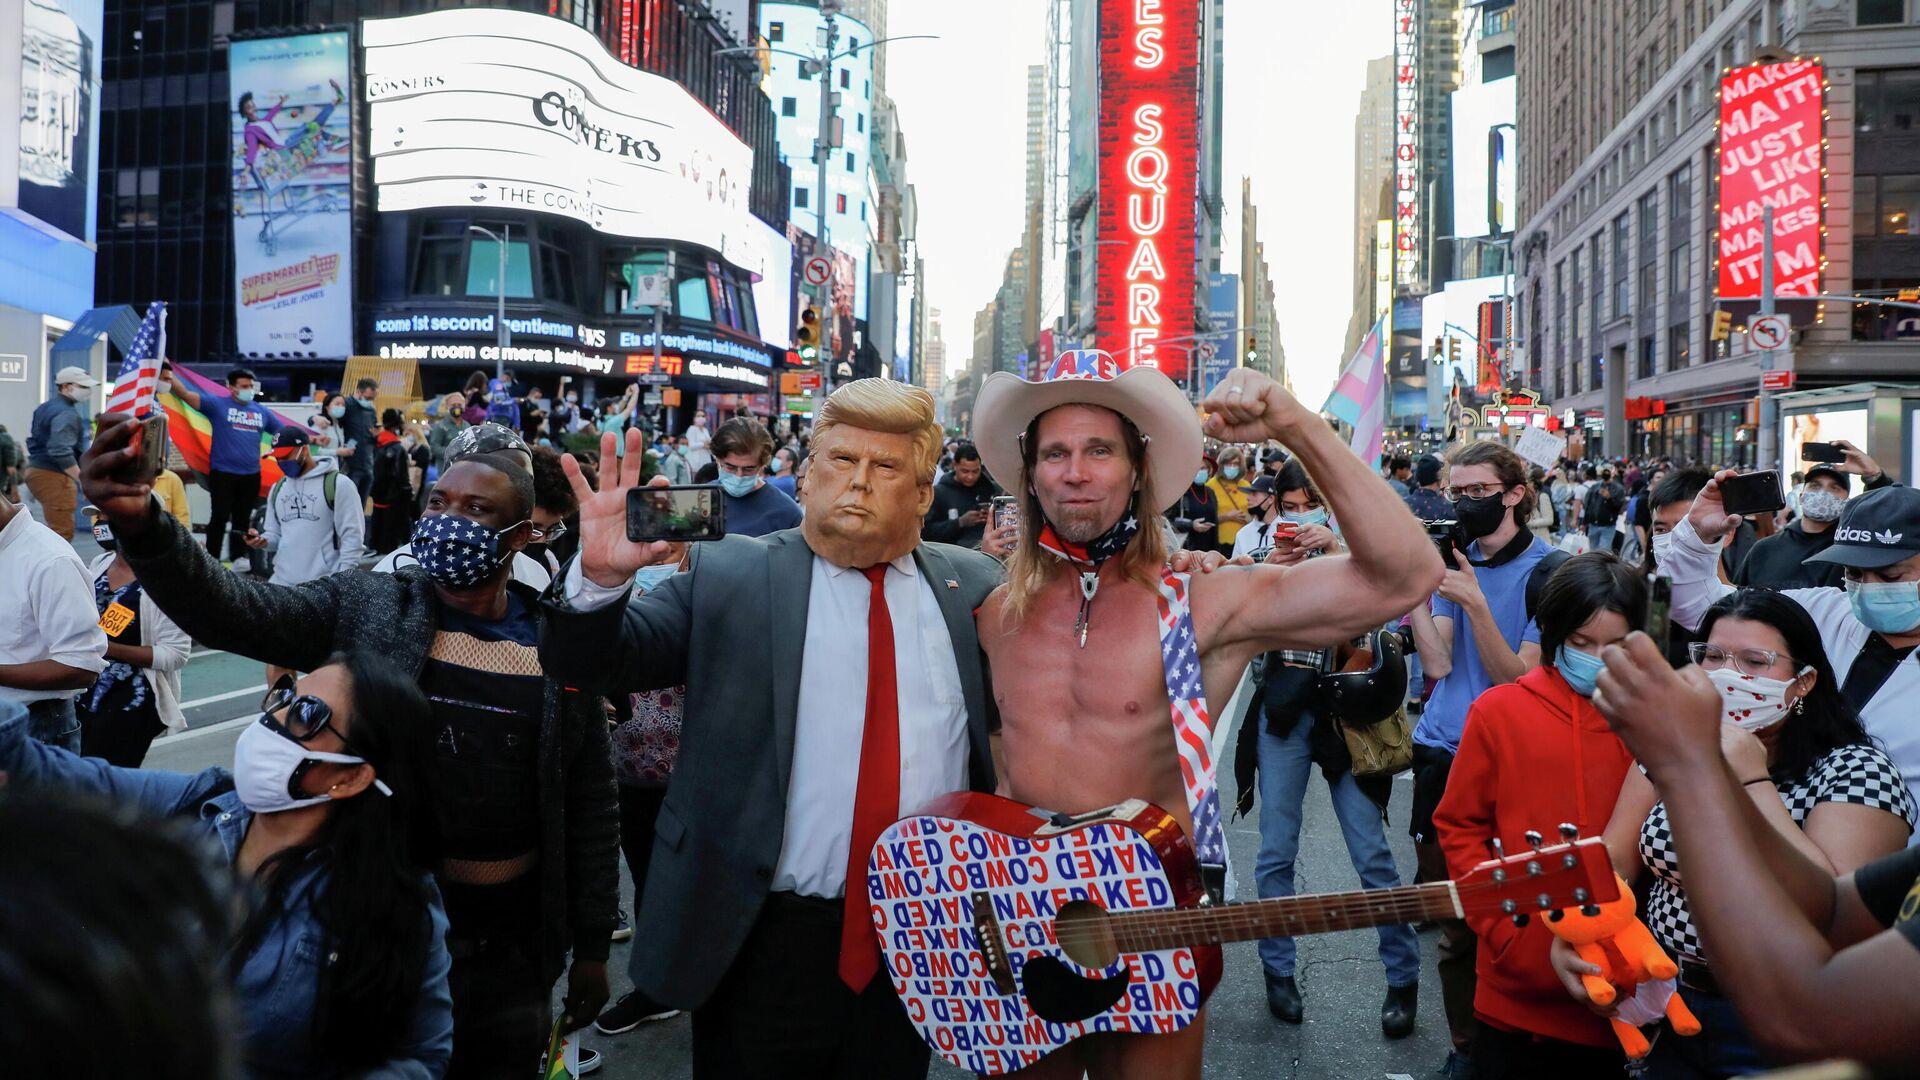 Мужчина в маске с изображением президента США Дональда и Голый ковбой празднуют победу Джо Байдена на выборах президента США в Нью-Йорке - РИА Новости, 1920, 24.11.2020